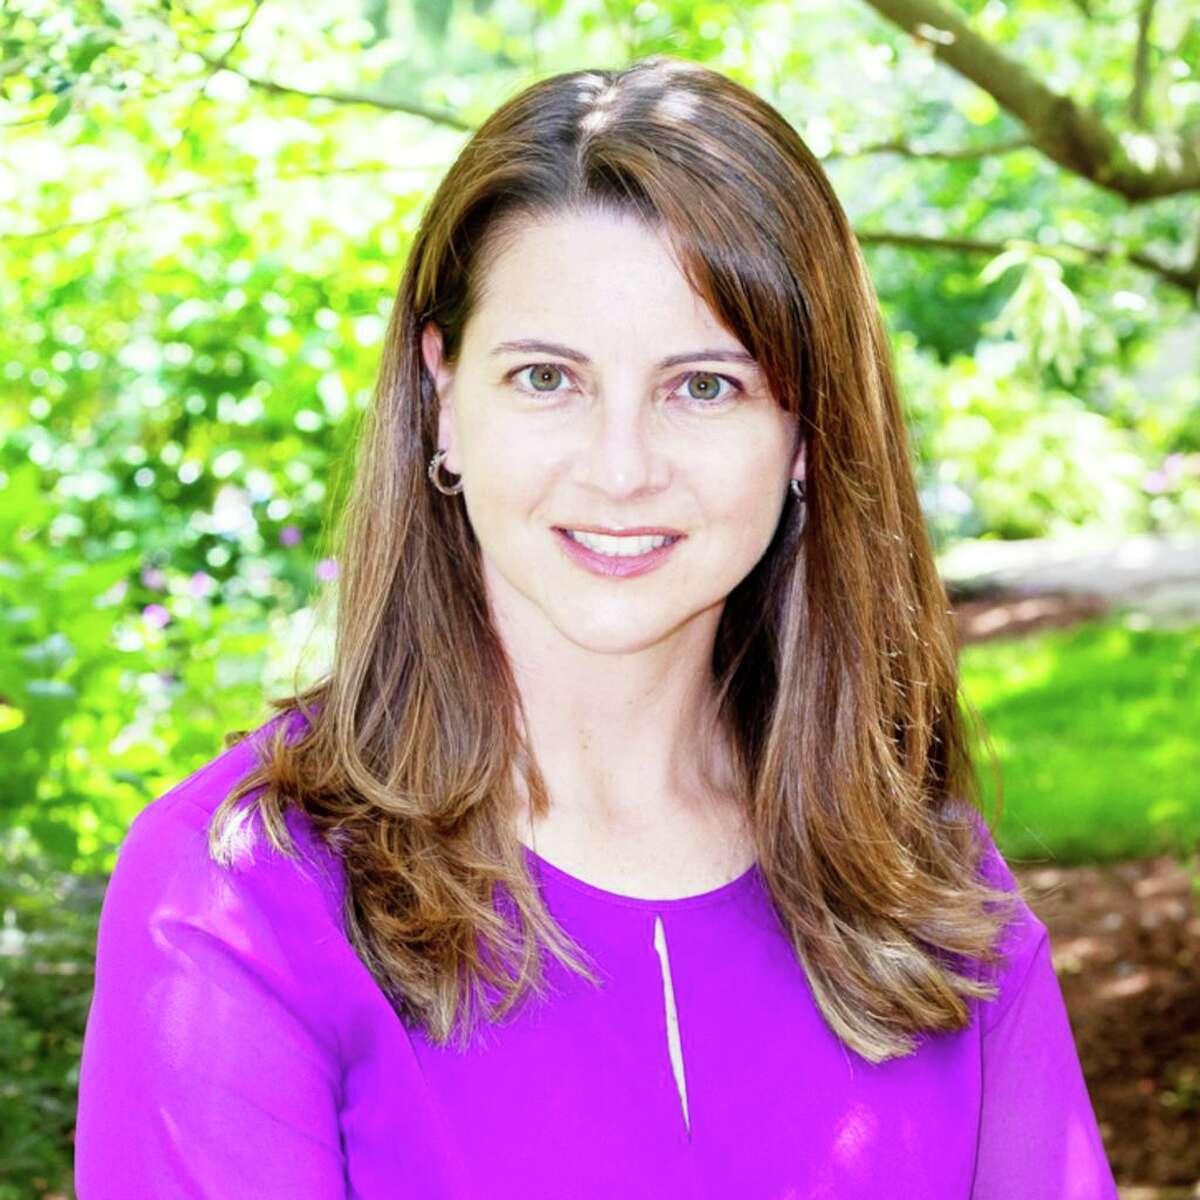 Incumbent State Rep. Christie Carpino, R-Cromwell